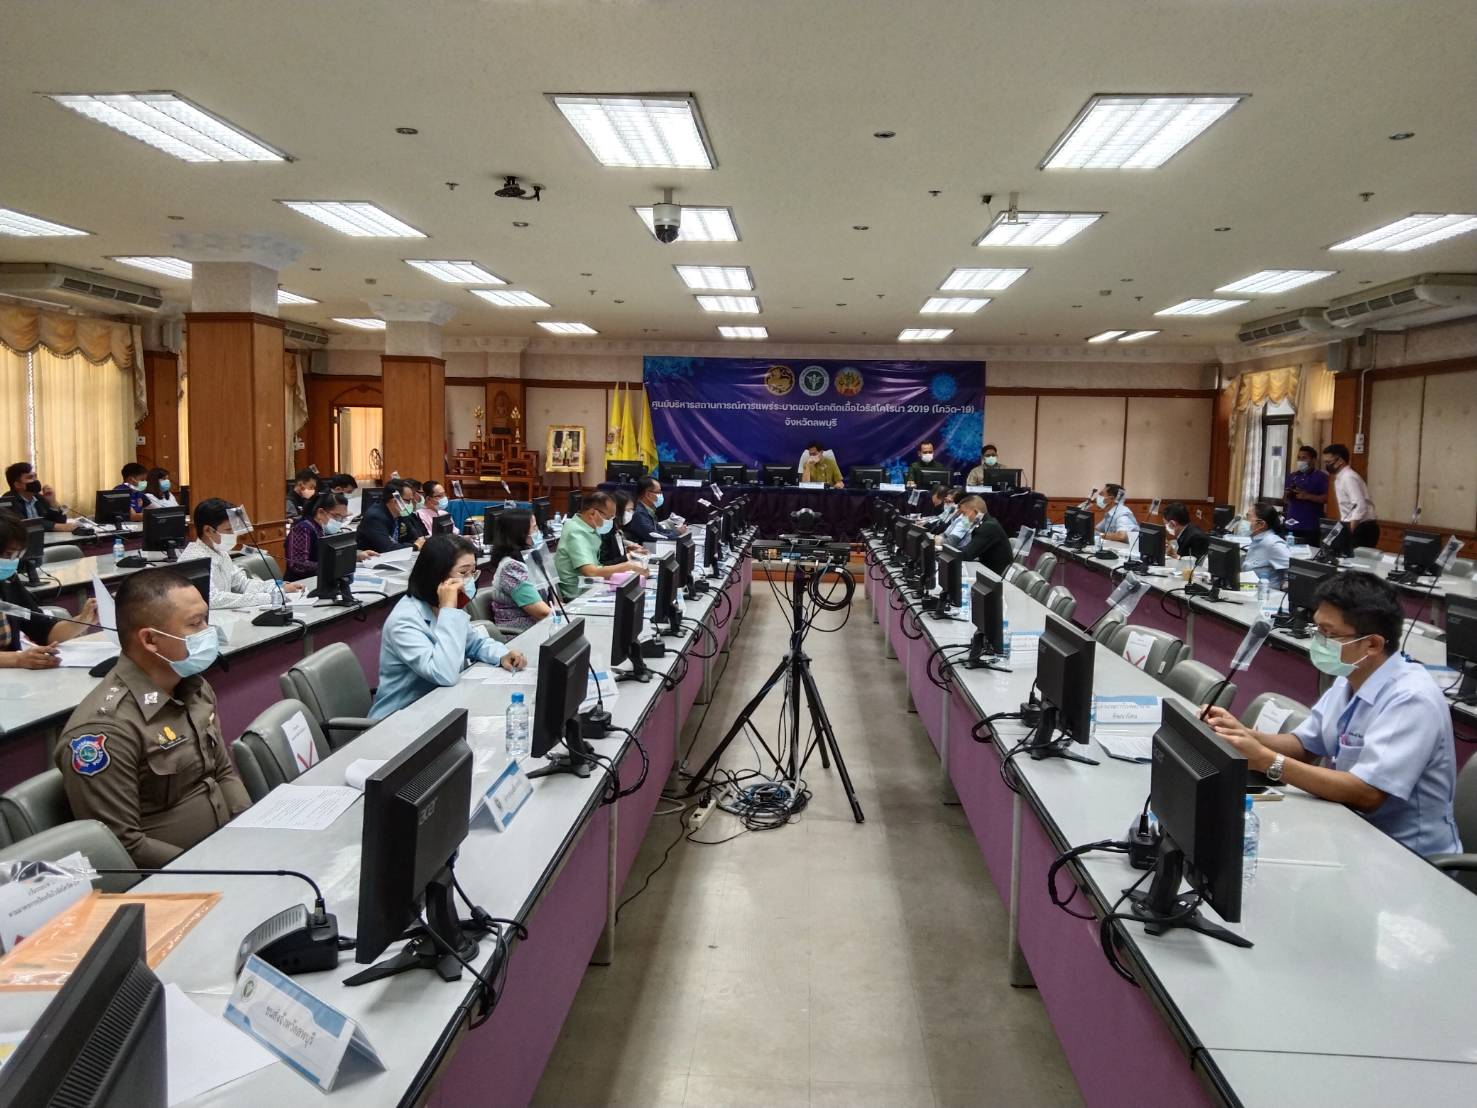 สำนักงานแรงงานจังหวัดลพบุรี ร่วมประชุมคณะกรรมการโรคติดต่อจังหวัดลพบุรี ครั้งที่ 7/2564 และผ่านระบบประชุมทางไกลผ่านอินเตอร์เน็ต (Jabber) จากจังหวัดลพบุรีถึงทุกอำเภอ